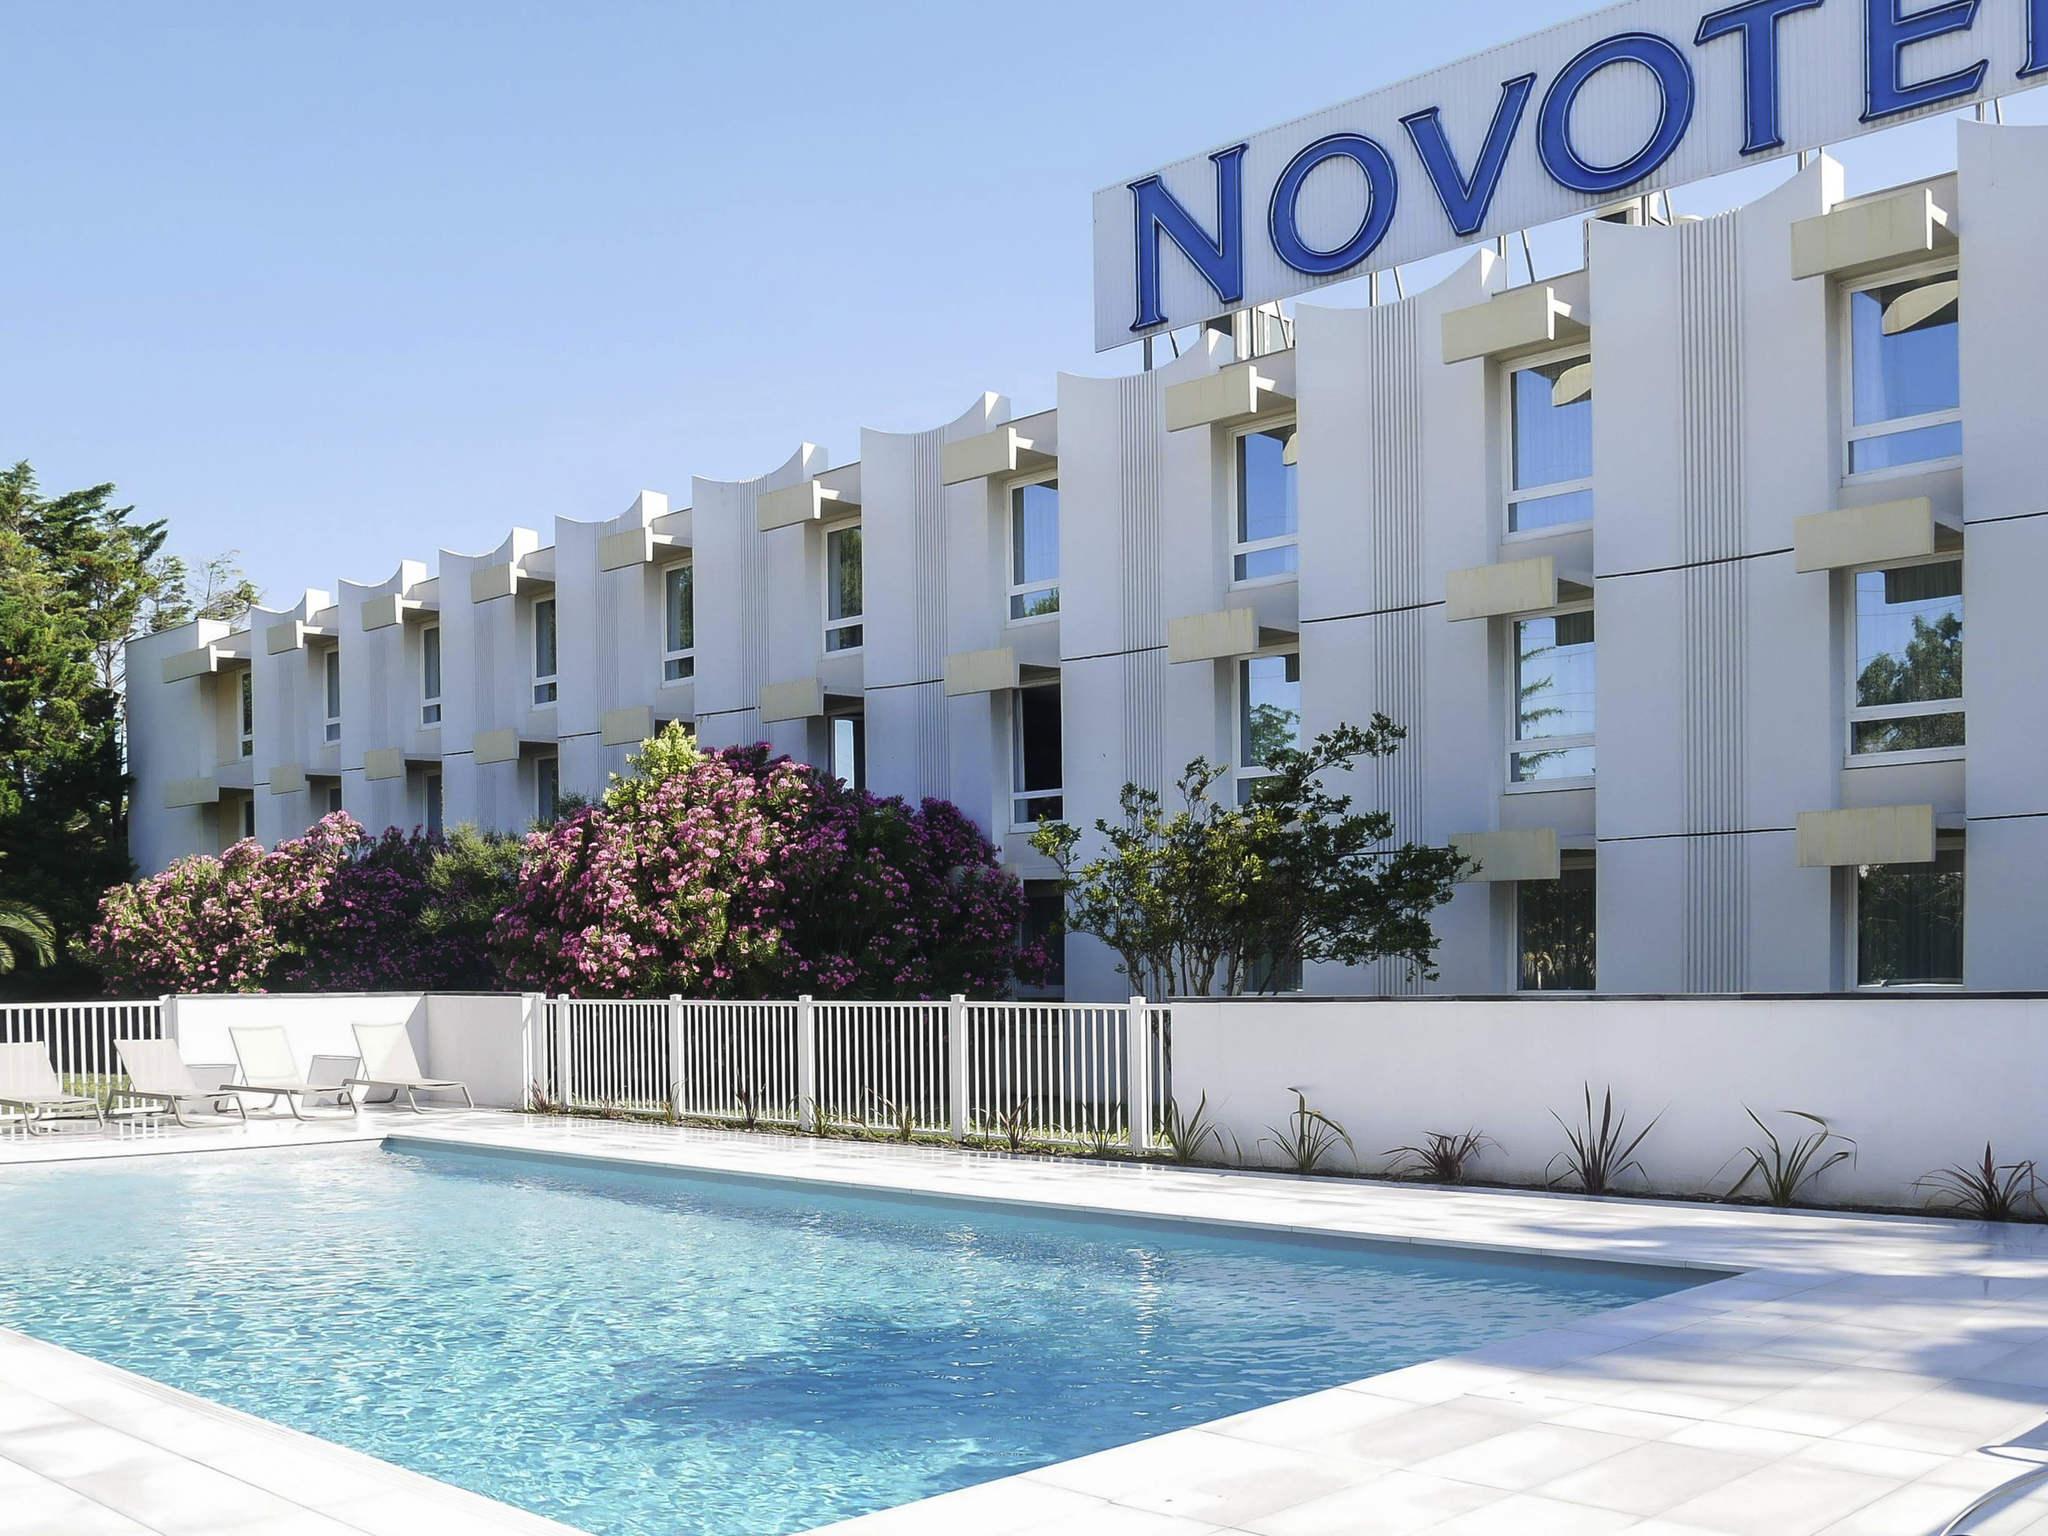 Hotel - Novotel Narbonne Sud